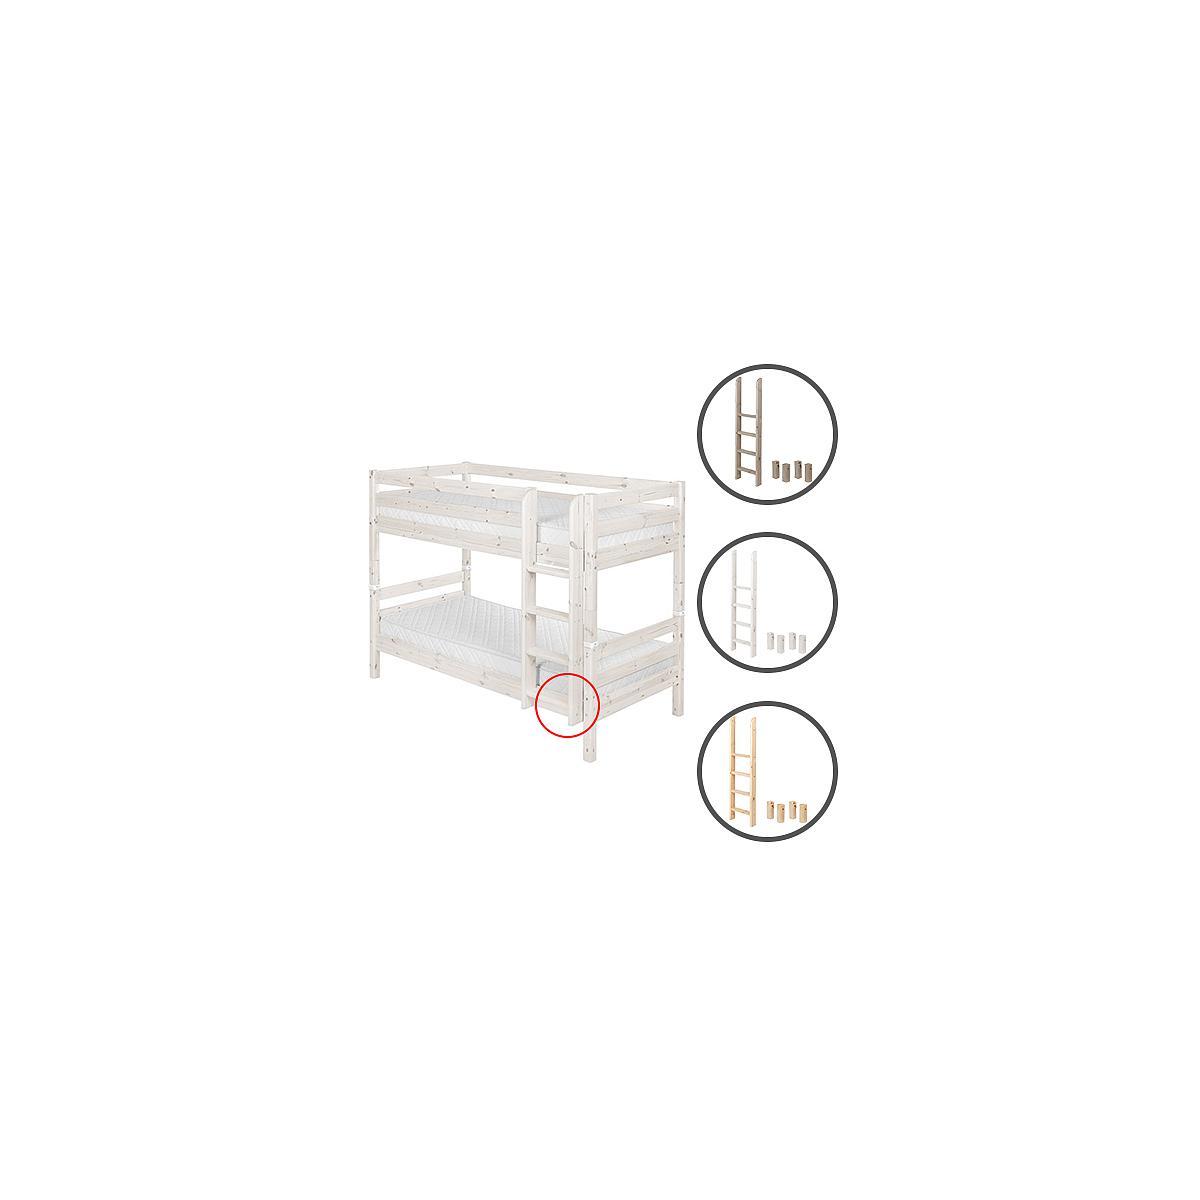 Escalera recta y patas Litera CLASSIC Flexa terra